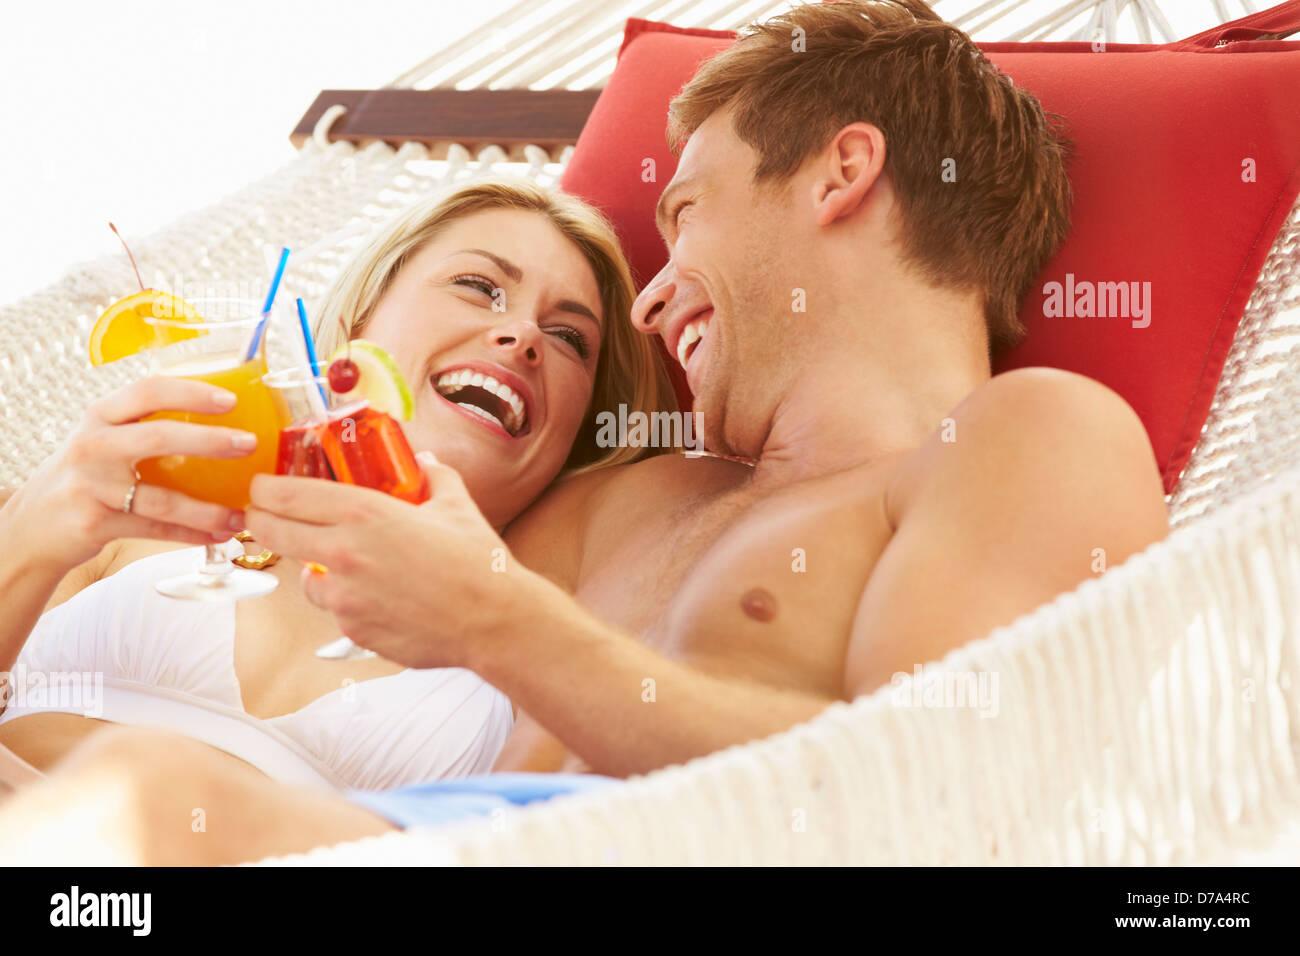 Pareja romántica relajarse en una hamaca en la playa Imagen De Stock